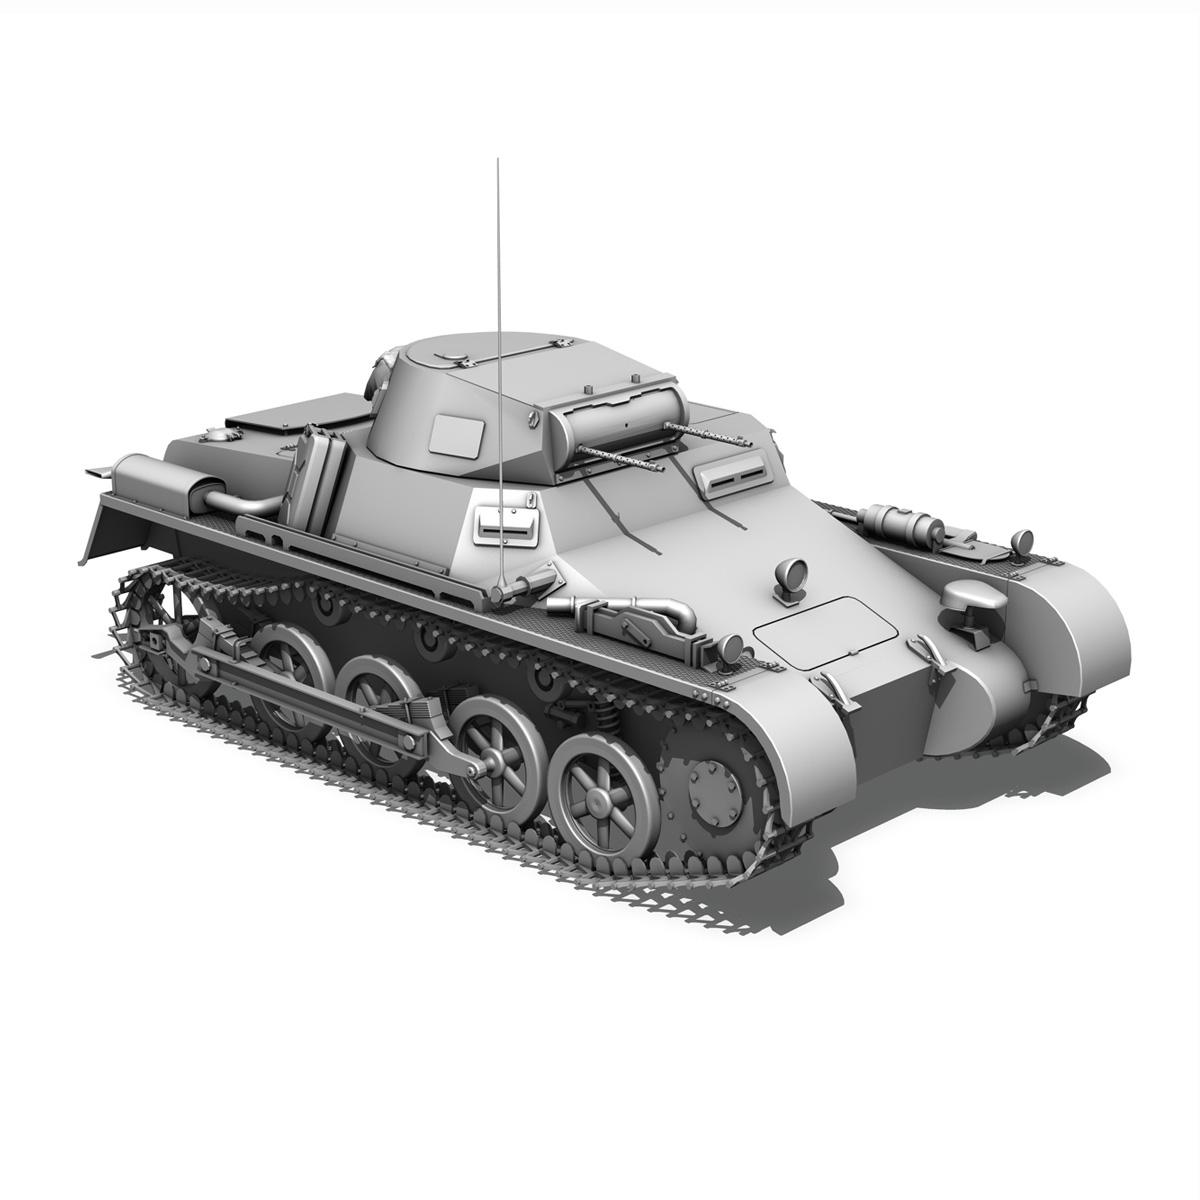 sd.kfz 101 pzkpfw 1 ausfuehrung a 3d model 3ds fbx c4d lwo obj 188870